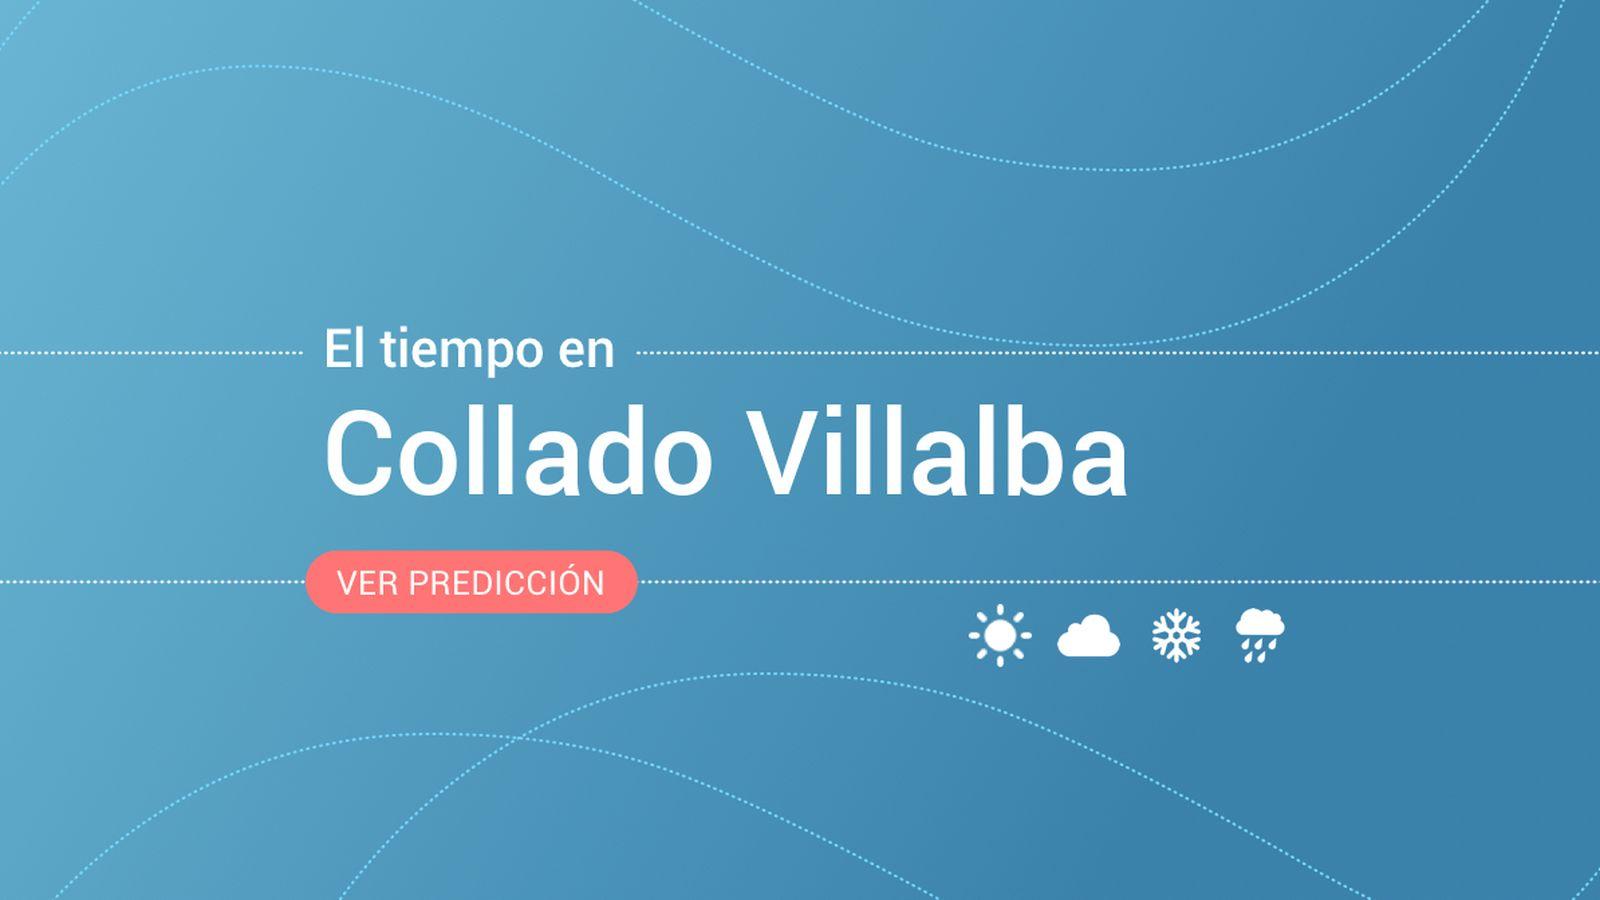 Foto: El tiempo en Collado Villalba. (EC)